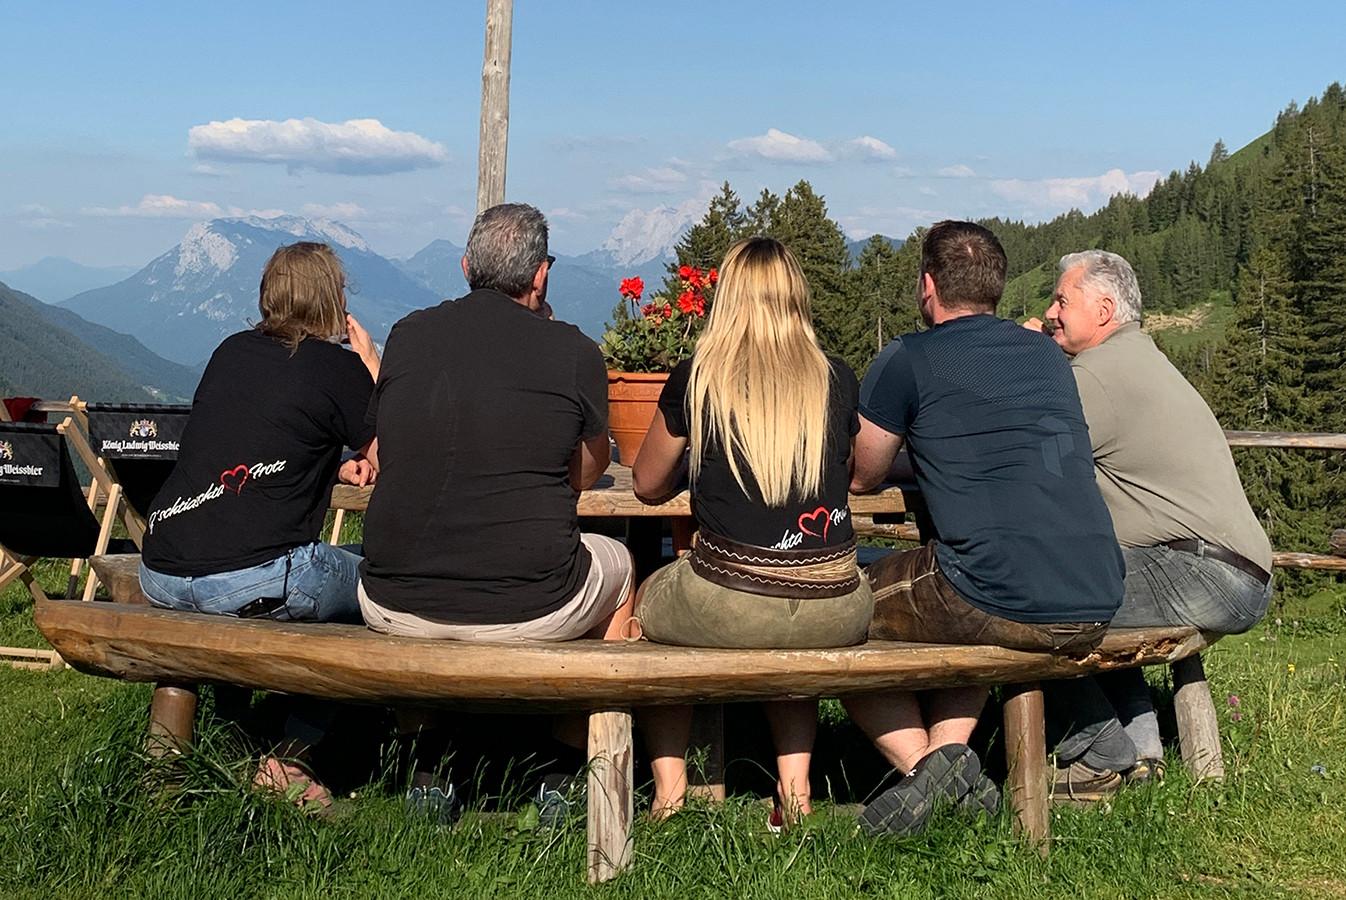 Family_outside2.jpg